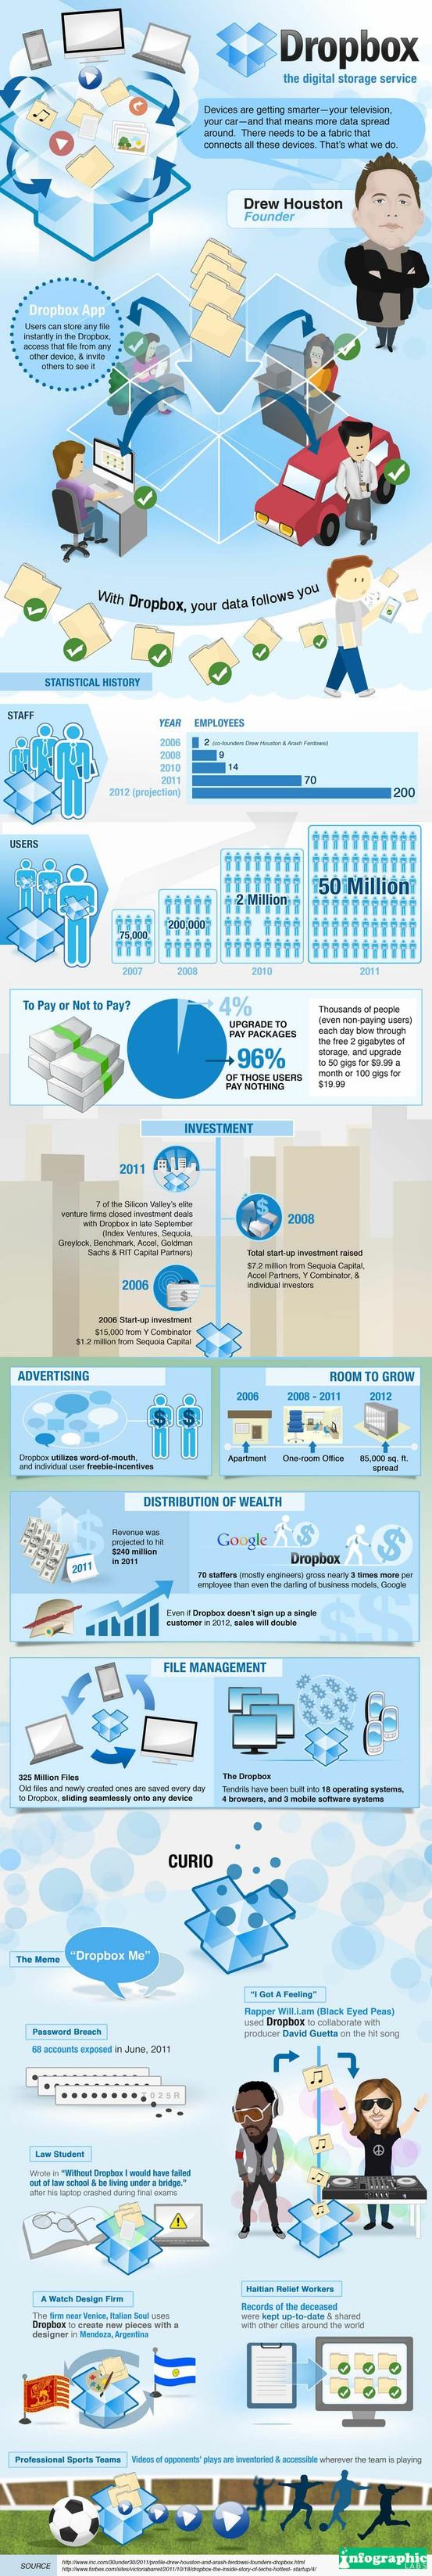 Infographic: Why Dropbox is Successful / Infografía: El éxito de Dropb